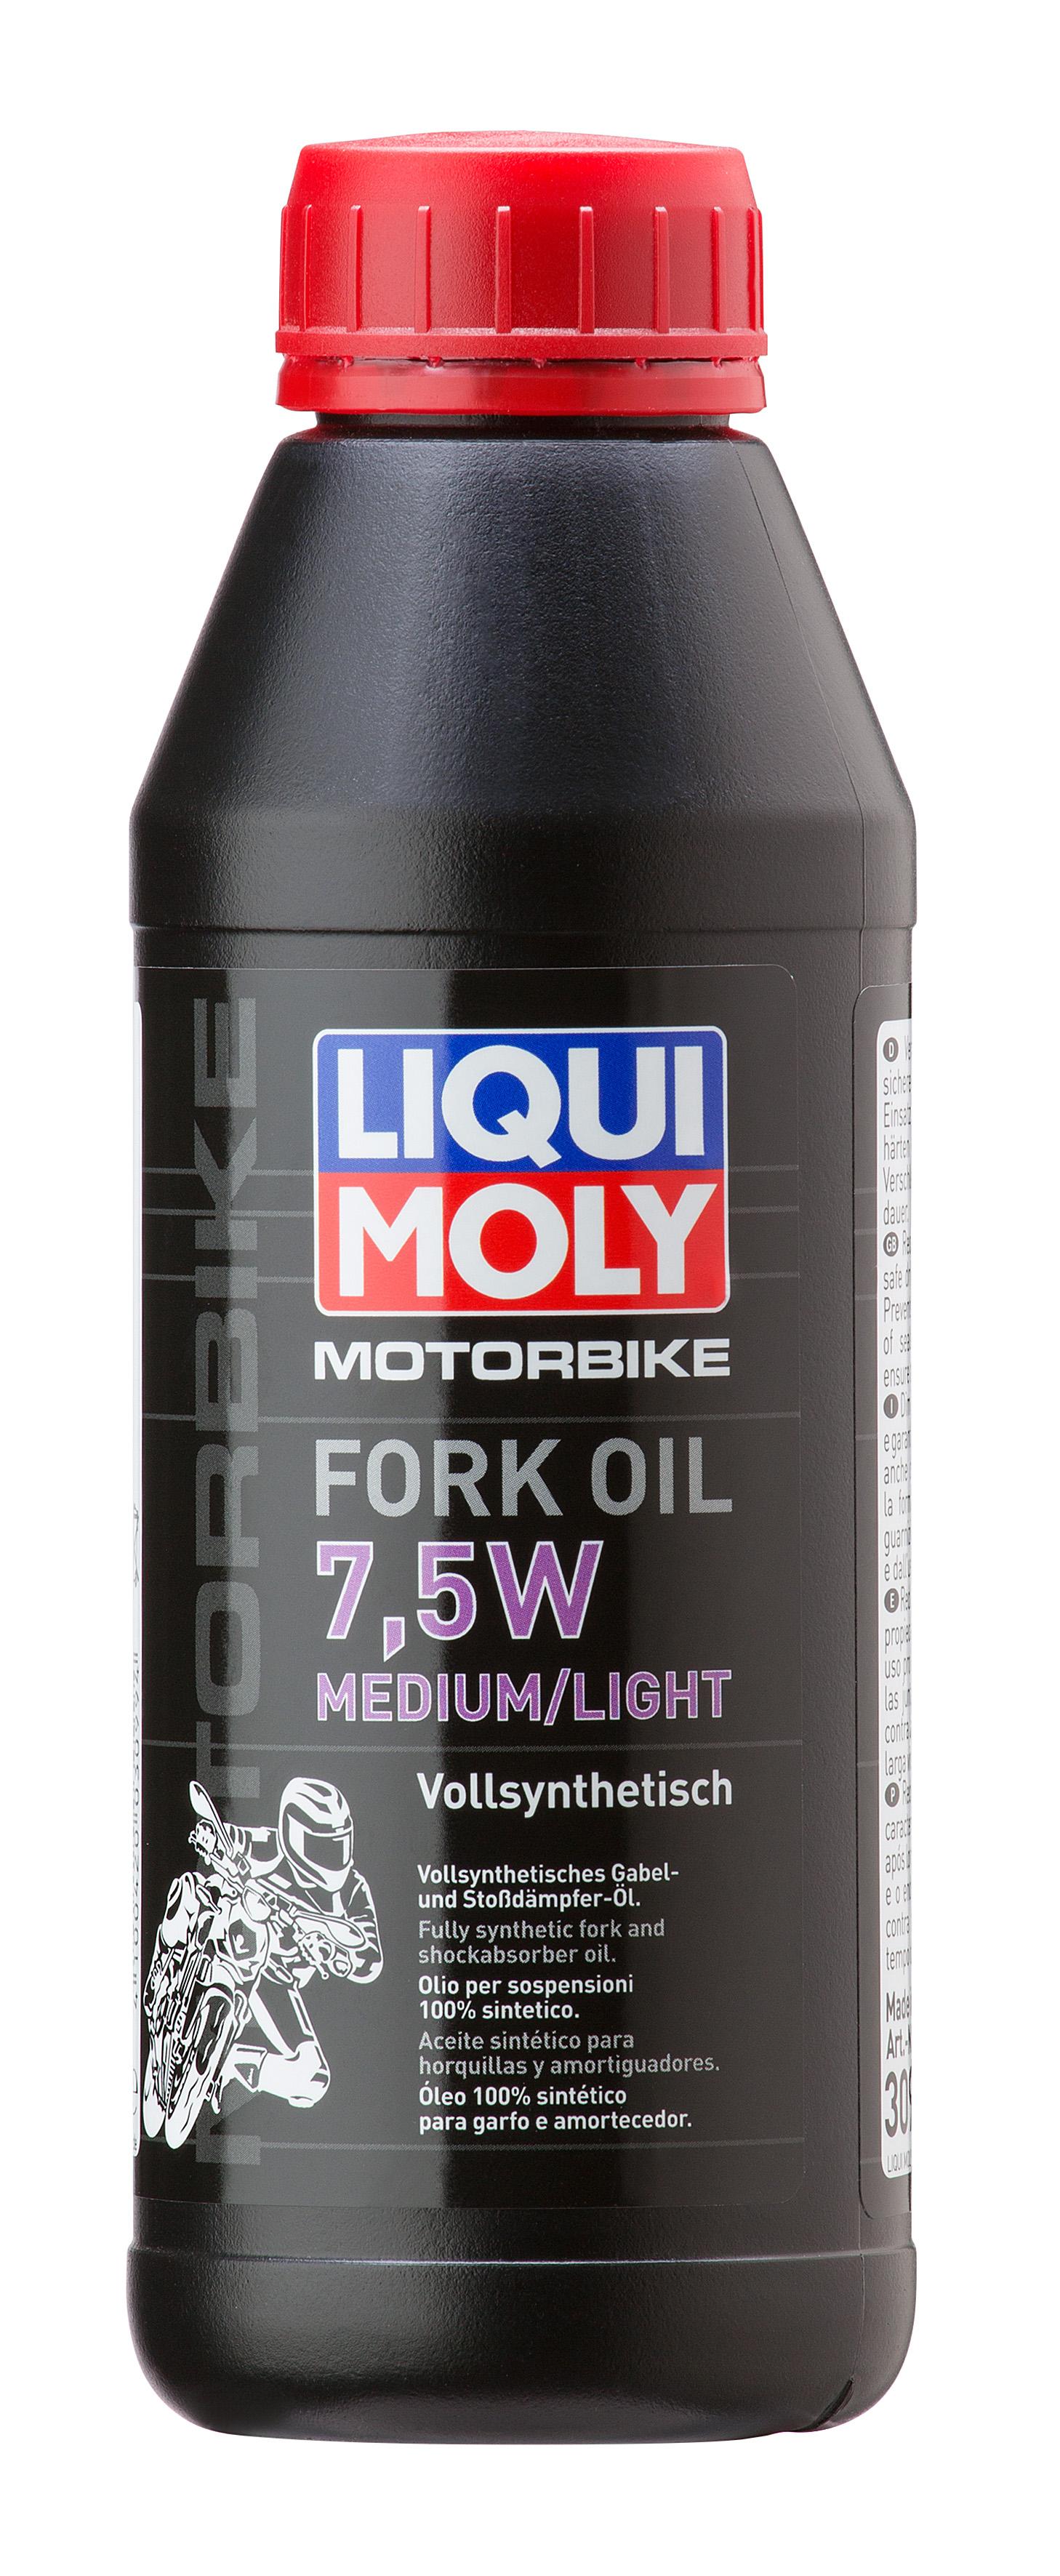 Синтетическое масло для вилок и амортизаторов Motorbike Fork Oil Medium/Light 7,5W